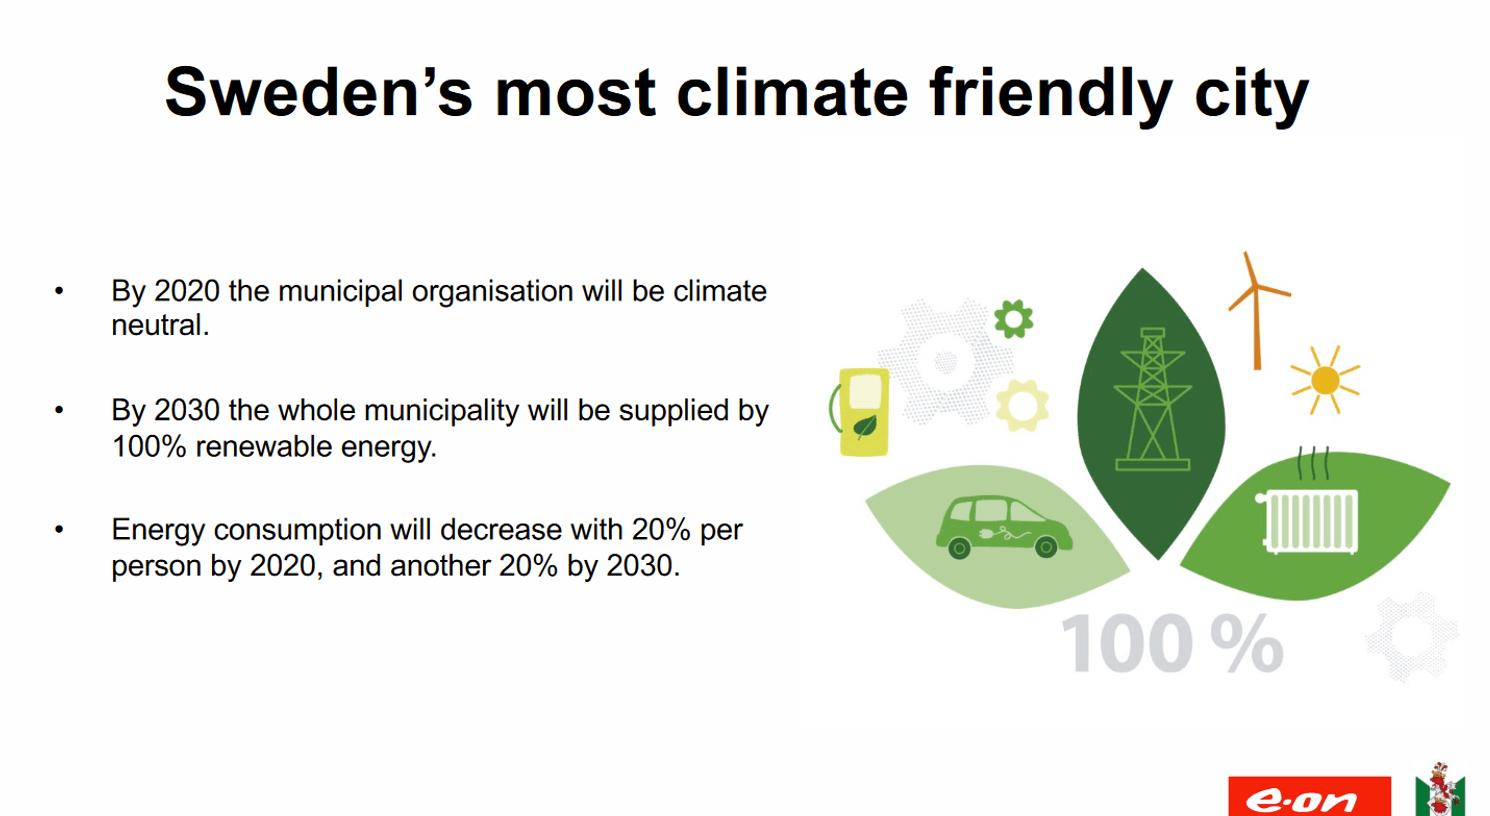 Malmös ehrgeizige Klimaschutzziele - Hyllie als Testbed